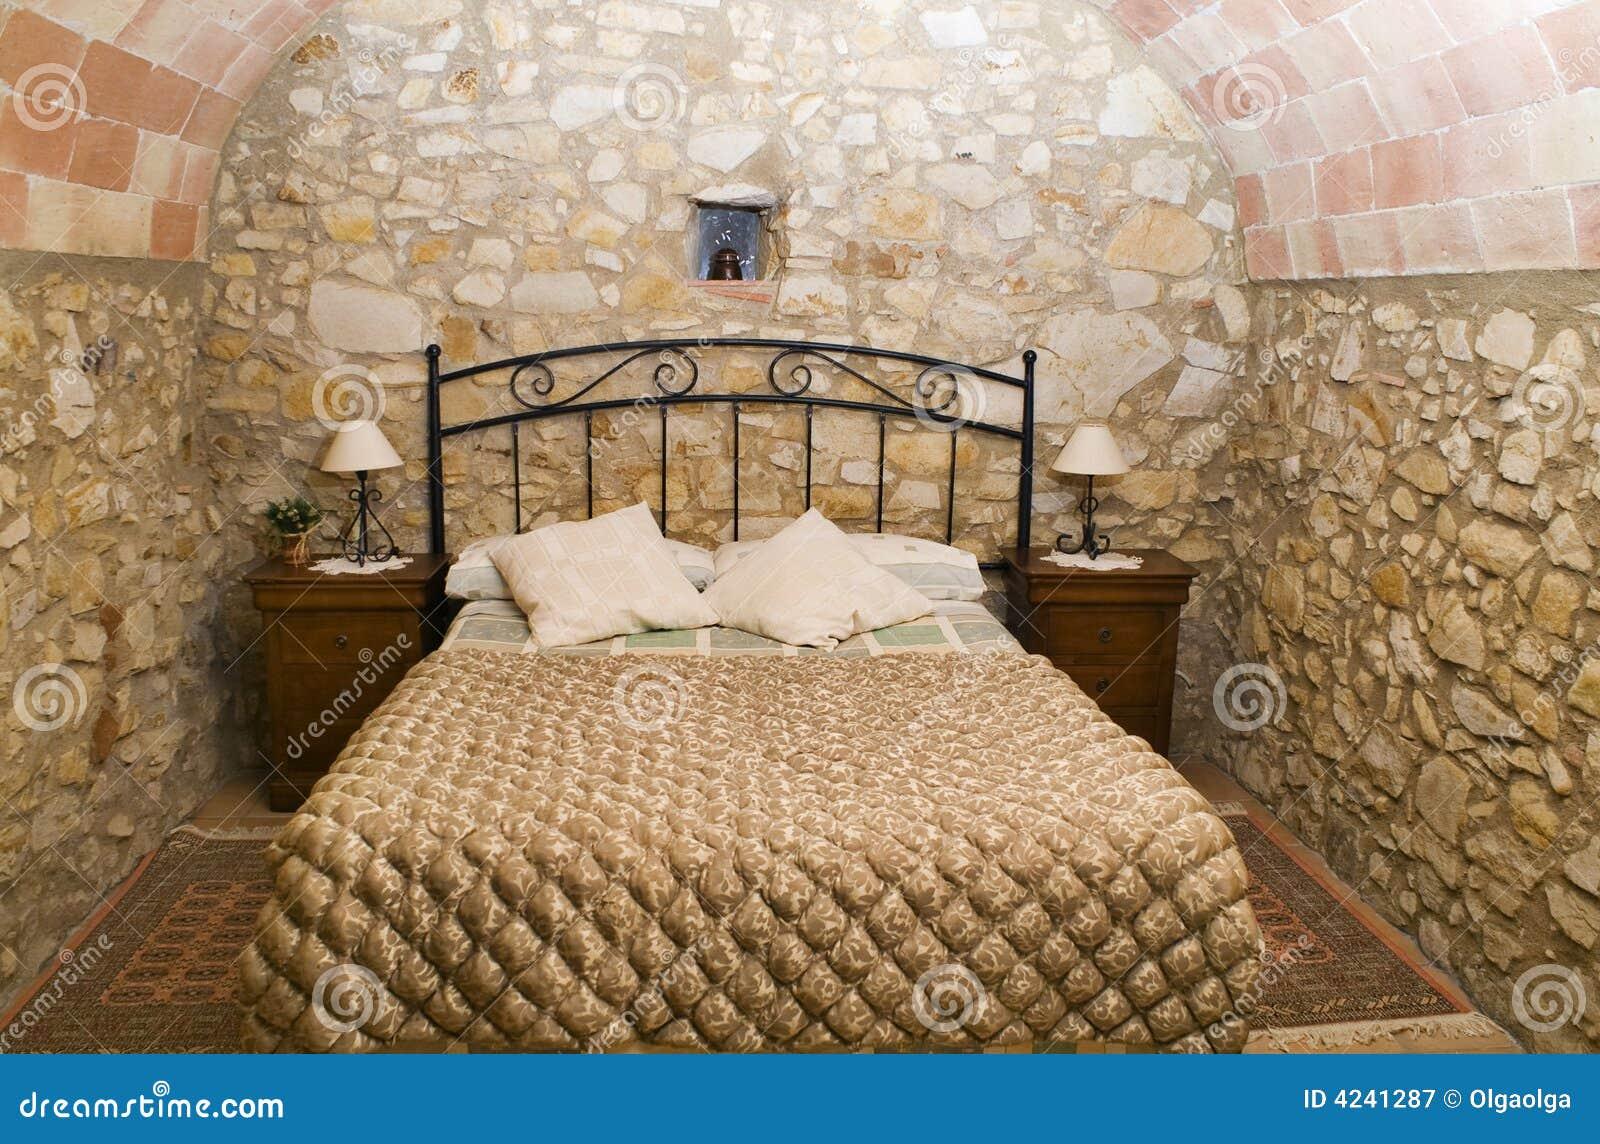 Camera Da Letto Ragazzi Usata : Camera da letto rustica immagine stock. immagine di quiet 4241287